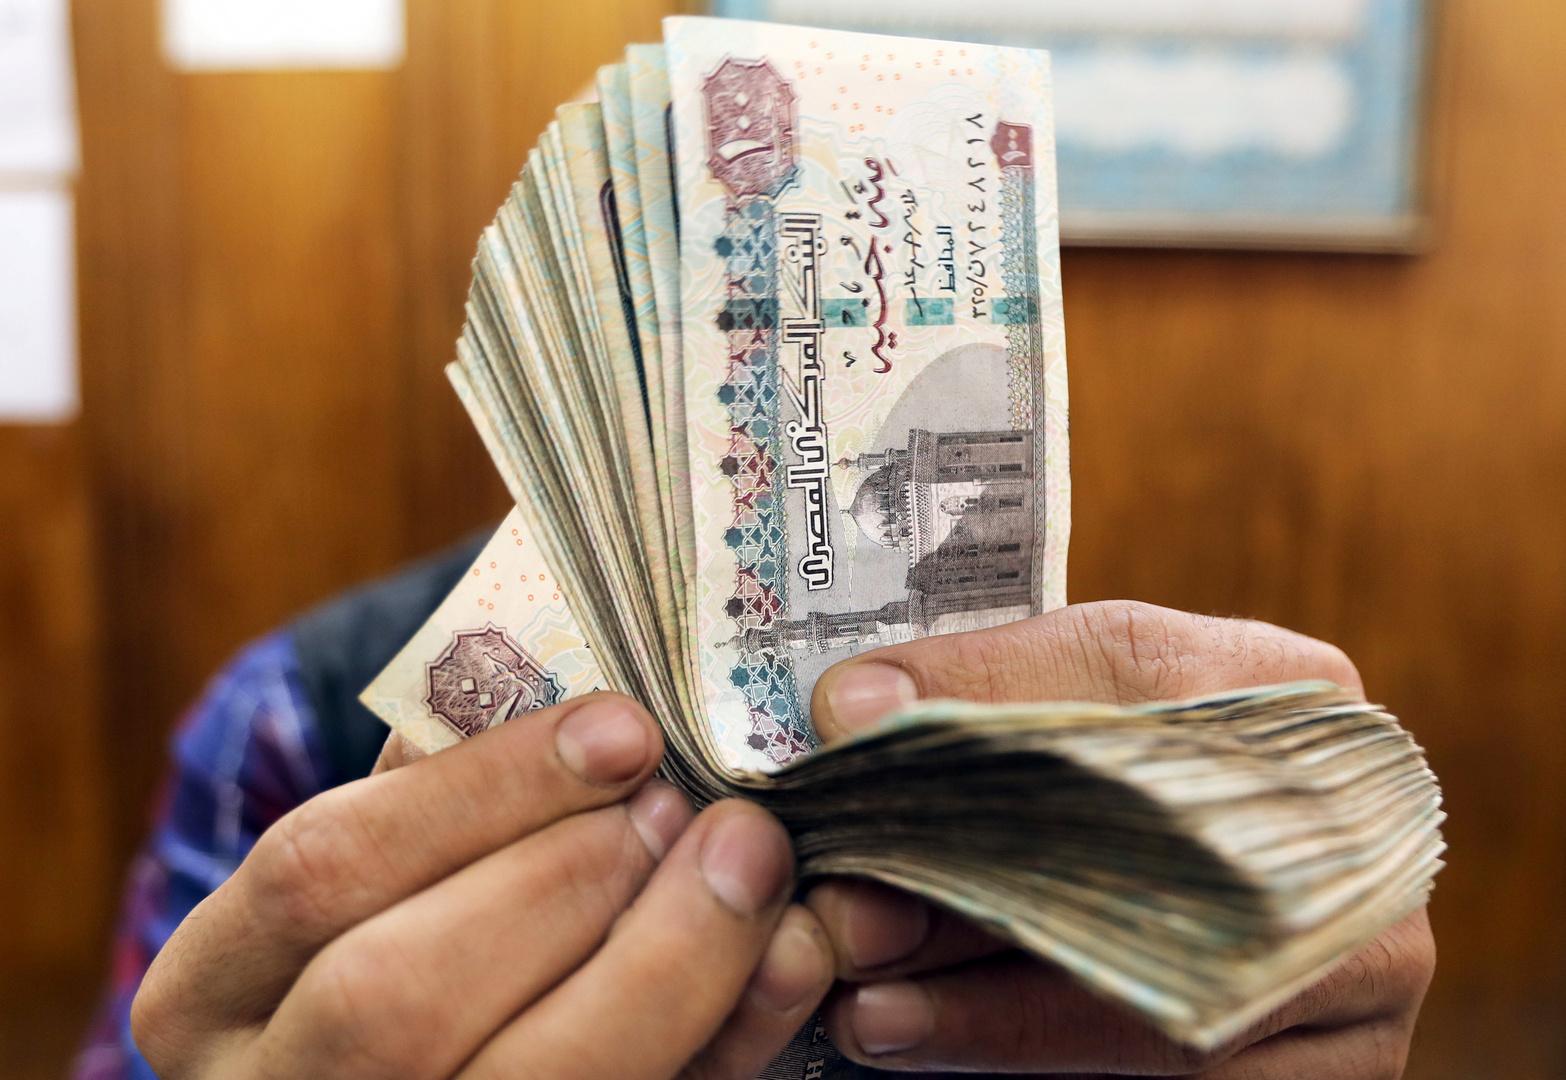 صندوق النقد الدولي.. توقعات بعودة قوية للاقتصاد المصري بعد أزمة كوورنا